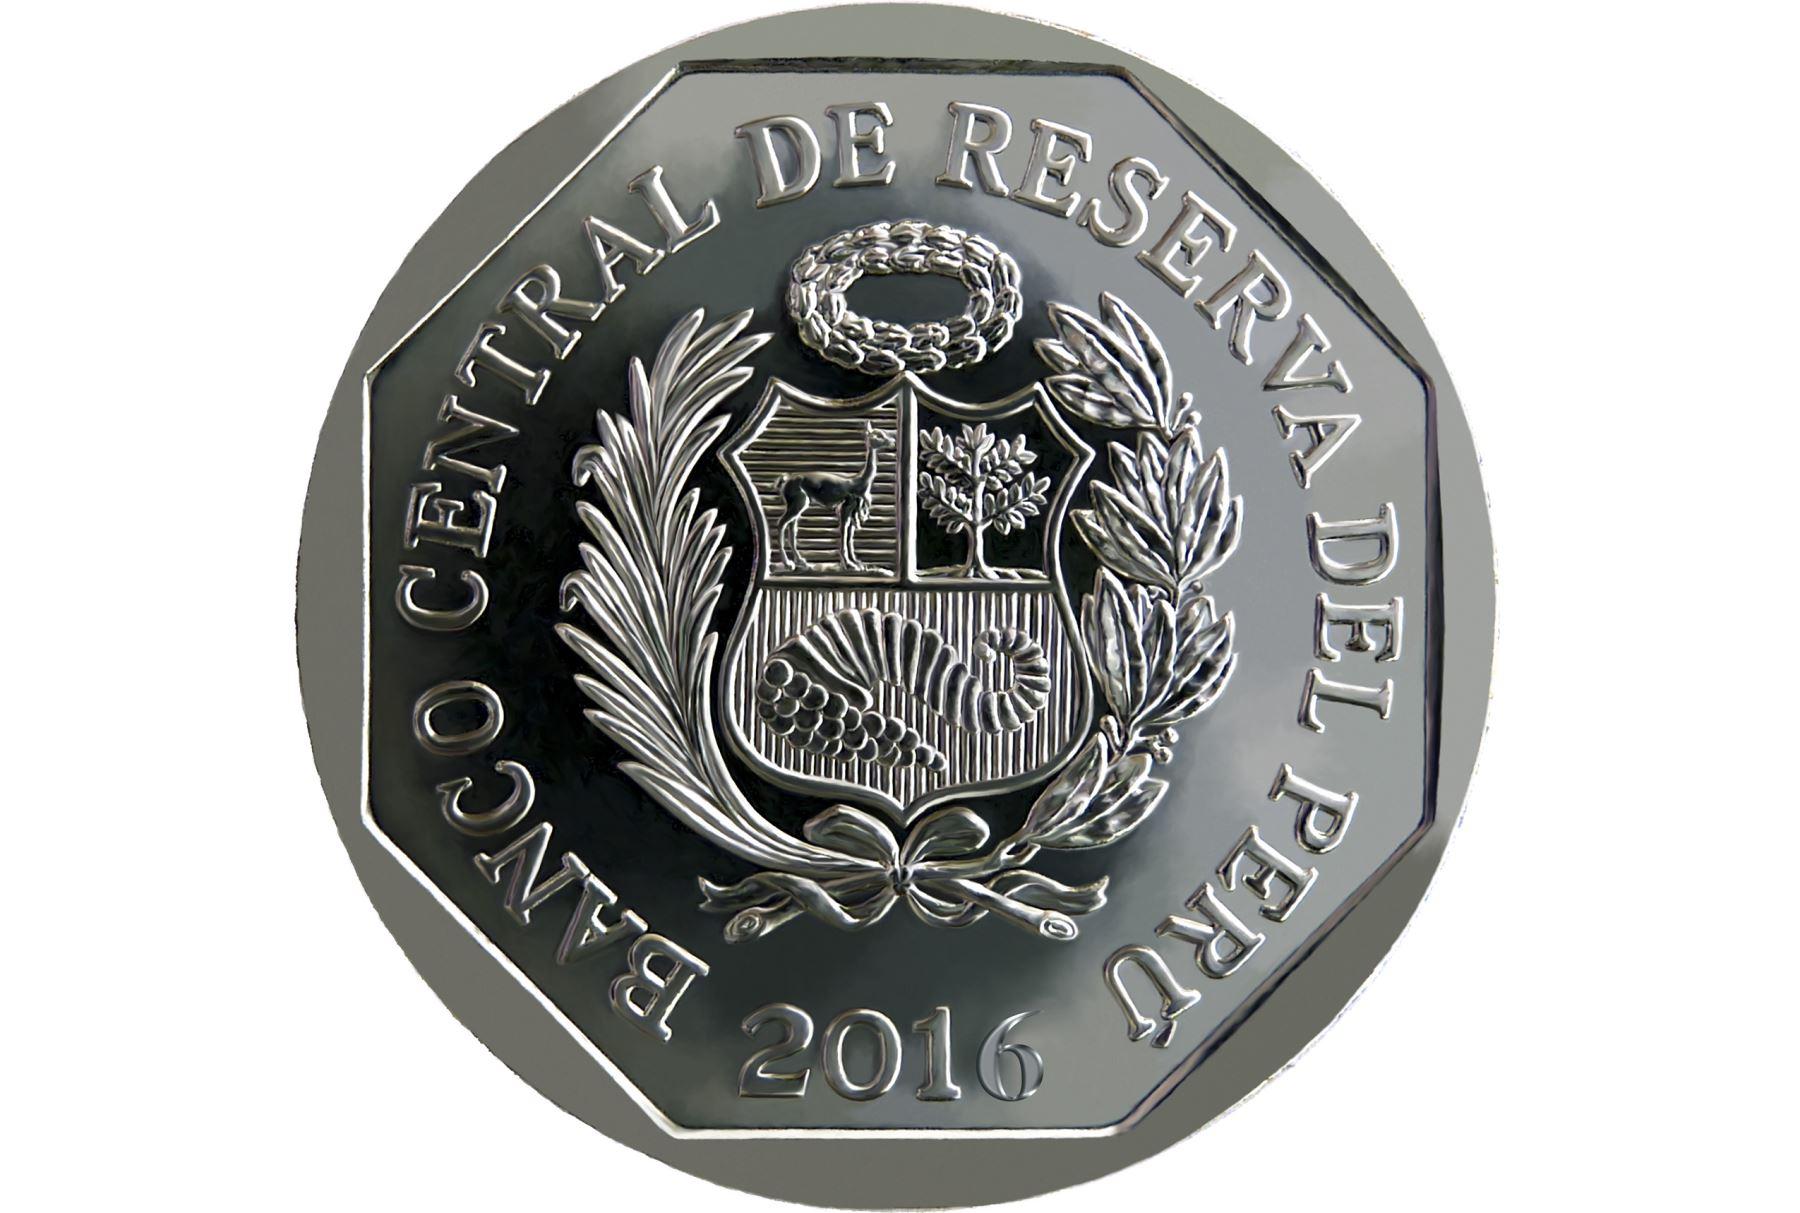 Banco Central De Reserva Inicia Acuñación De Monedas De Un Sol Noticias Agencia Peruana De Noticias Andina